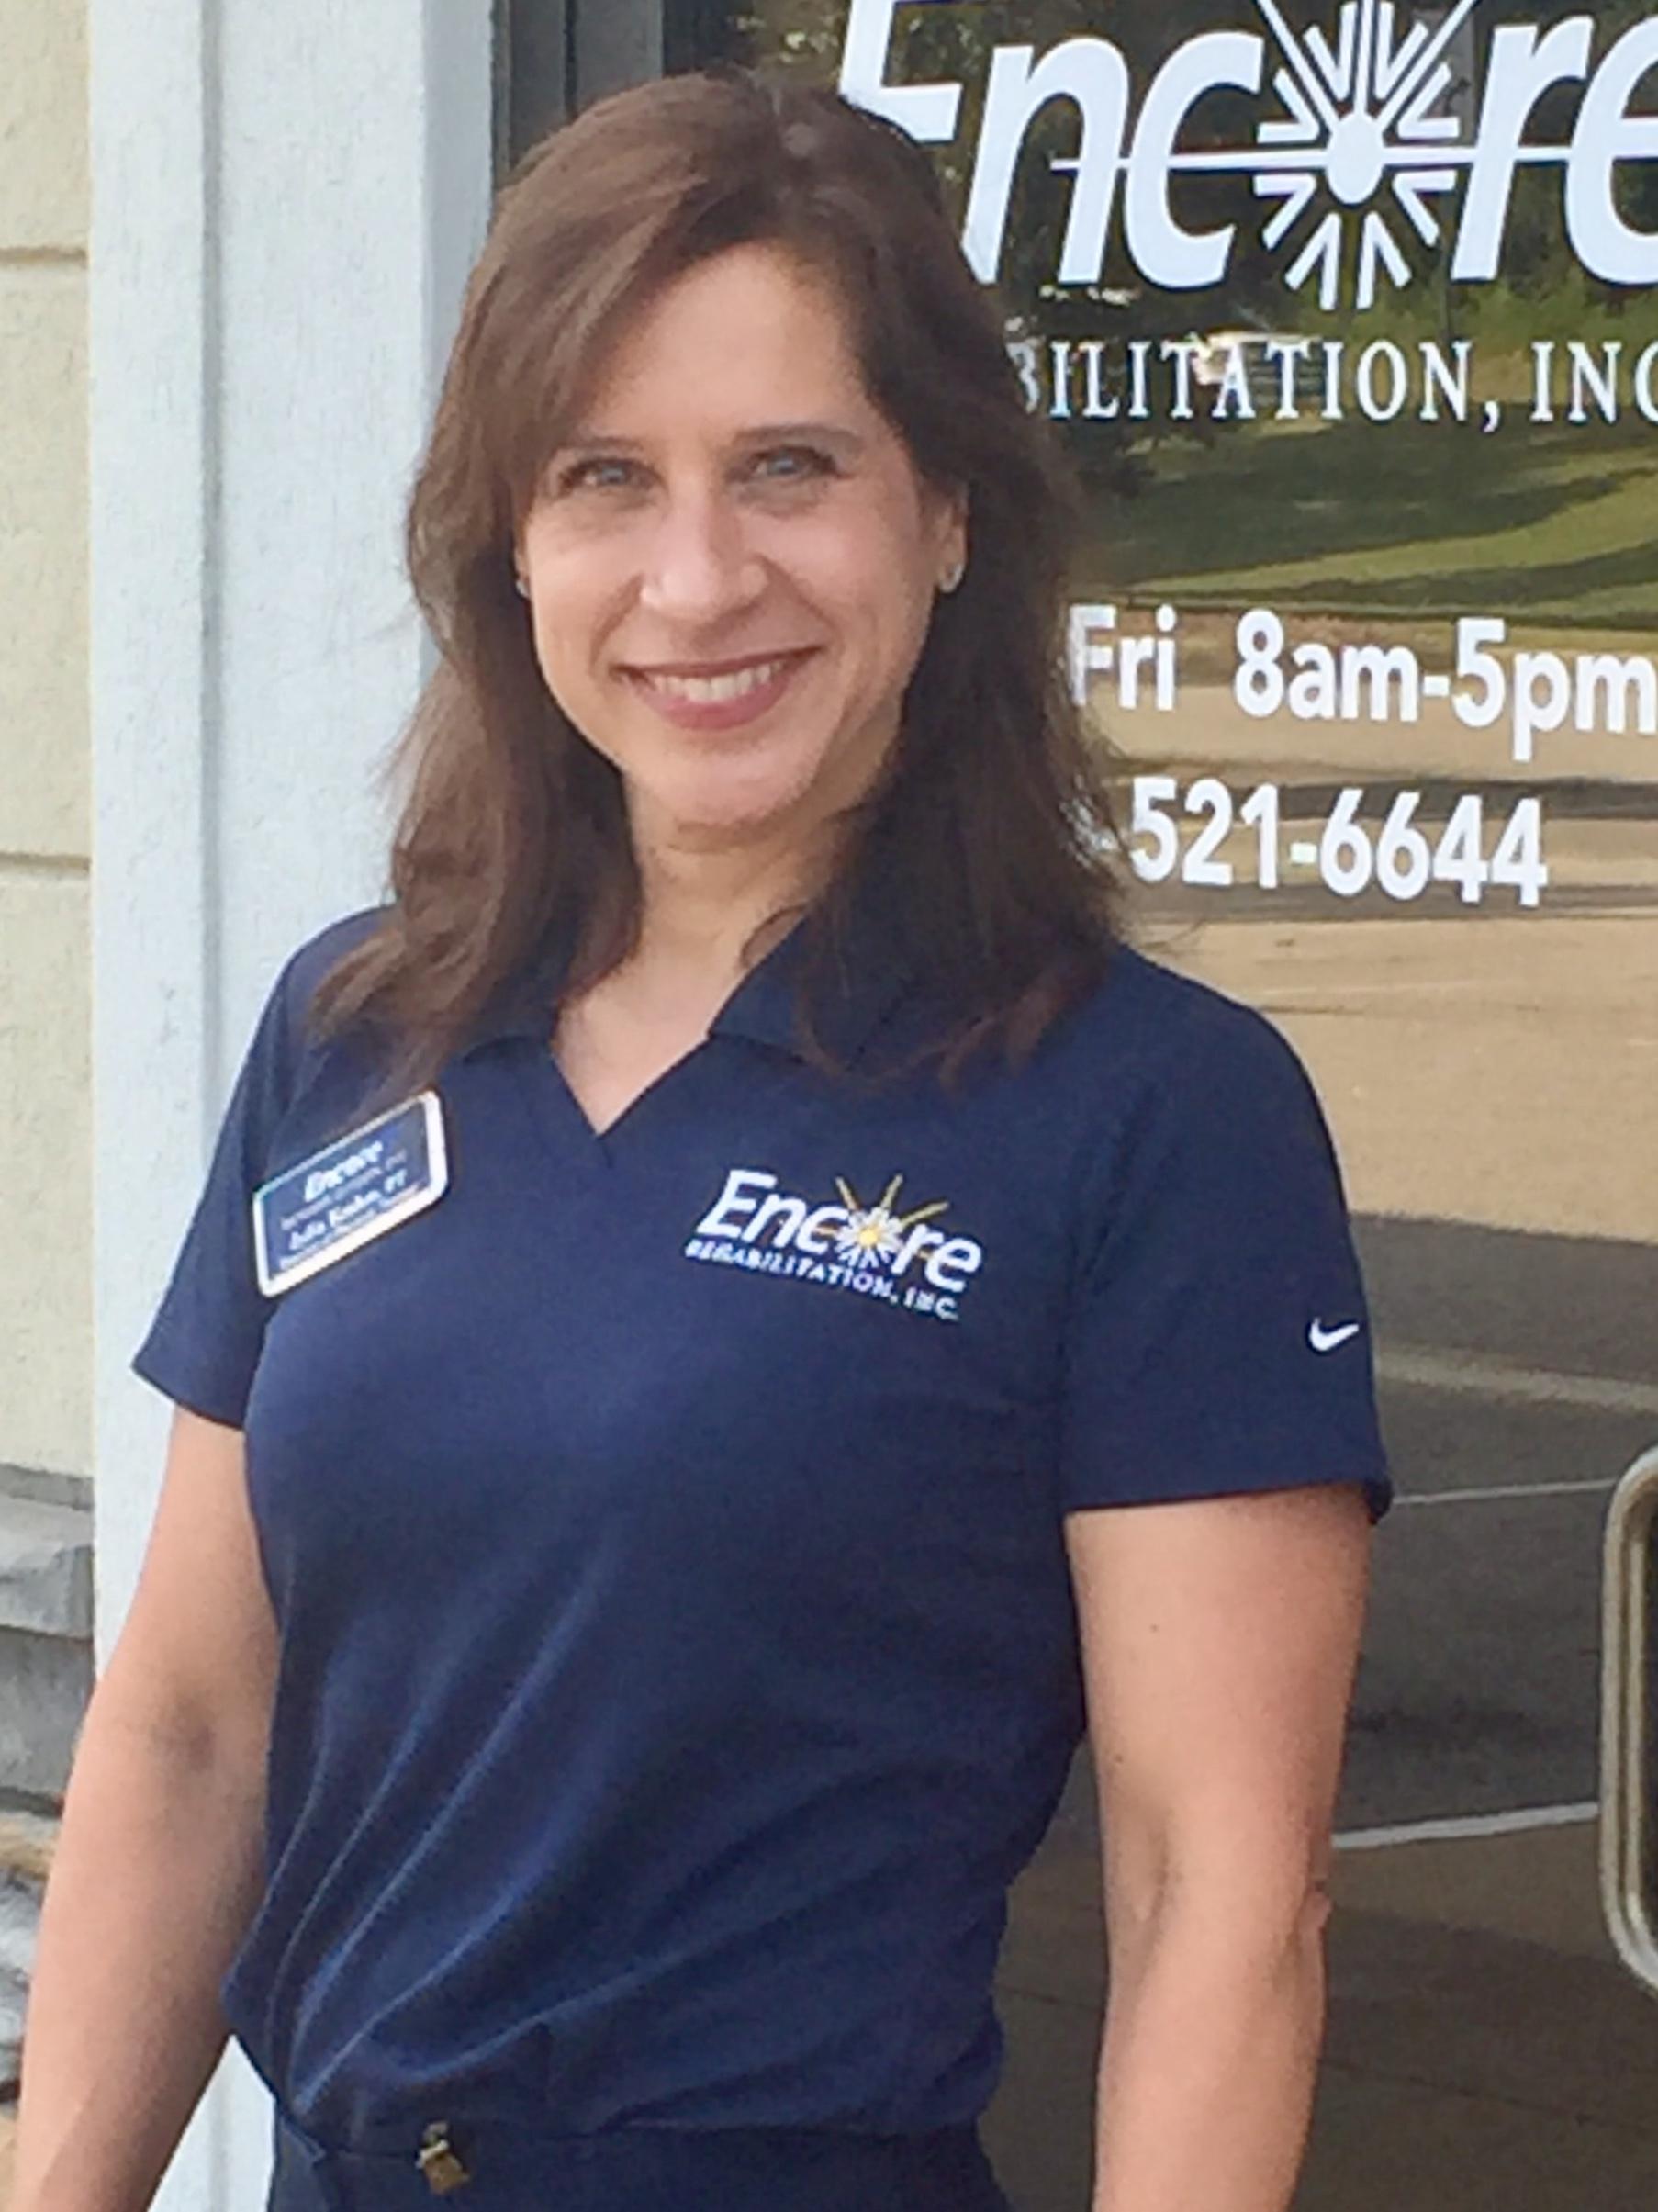 Clinical Director Julia Krahm, DPT, with Encore Rehabilitation-Phenix City